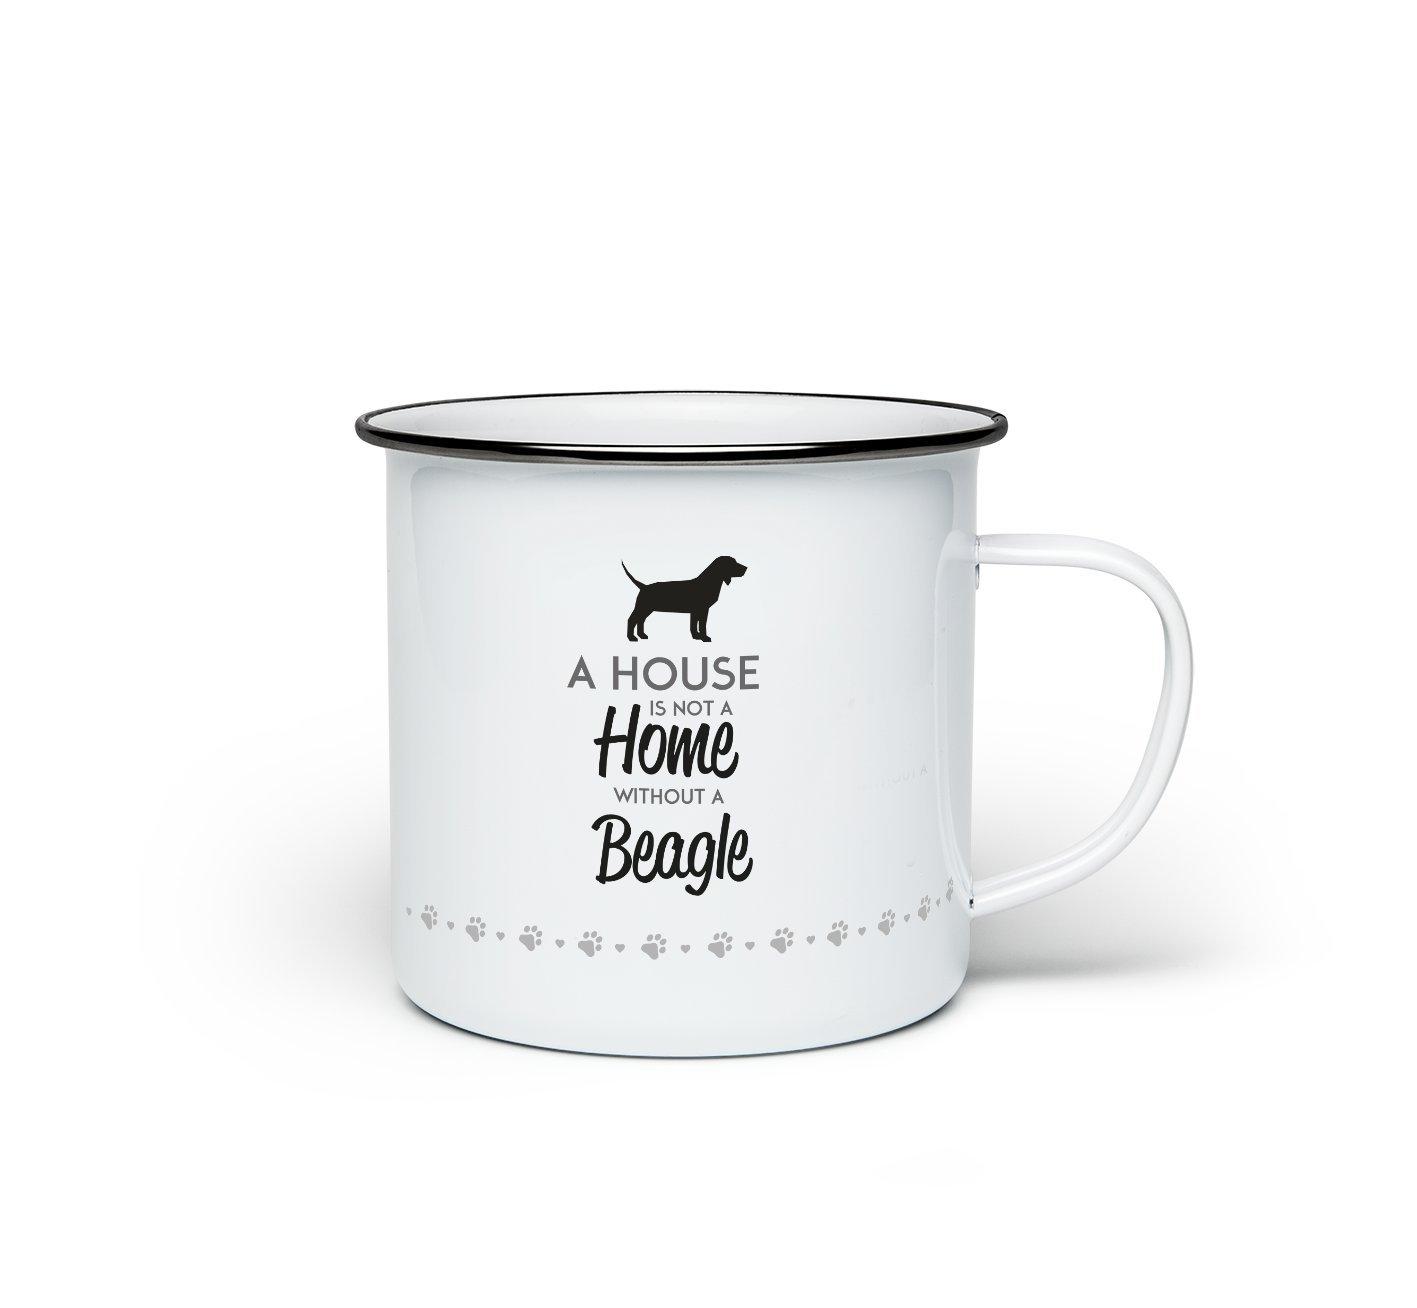 Une Maison n'est pas une maison sans un chien Beagle Mug cadeau en émail en métal Tasse à café thé Promofix Gifts